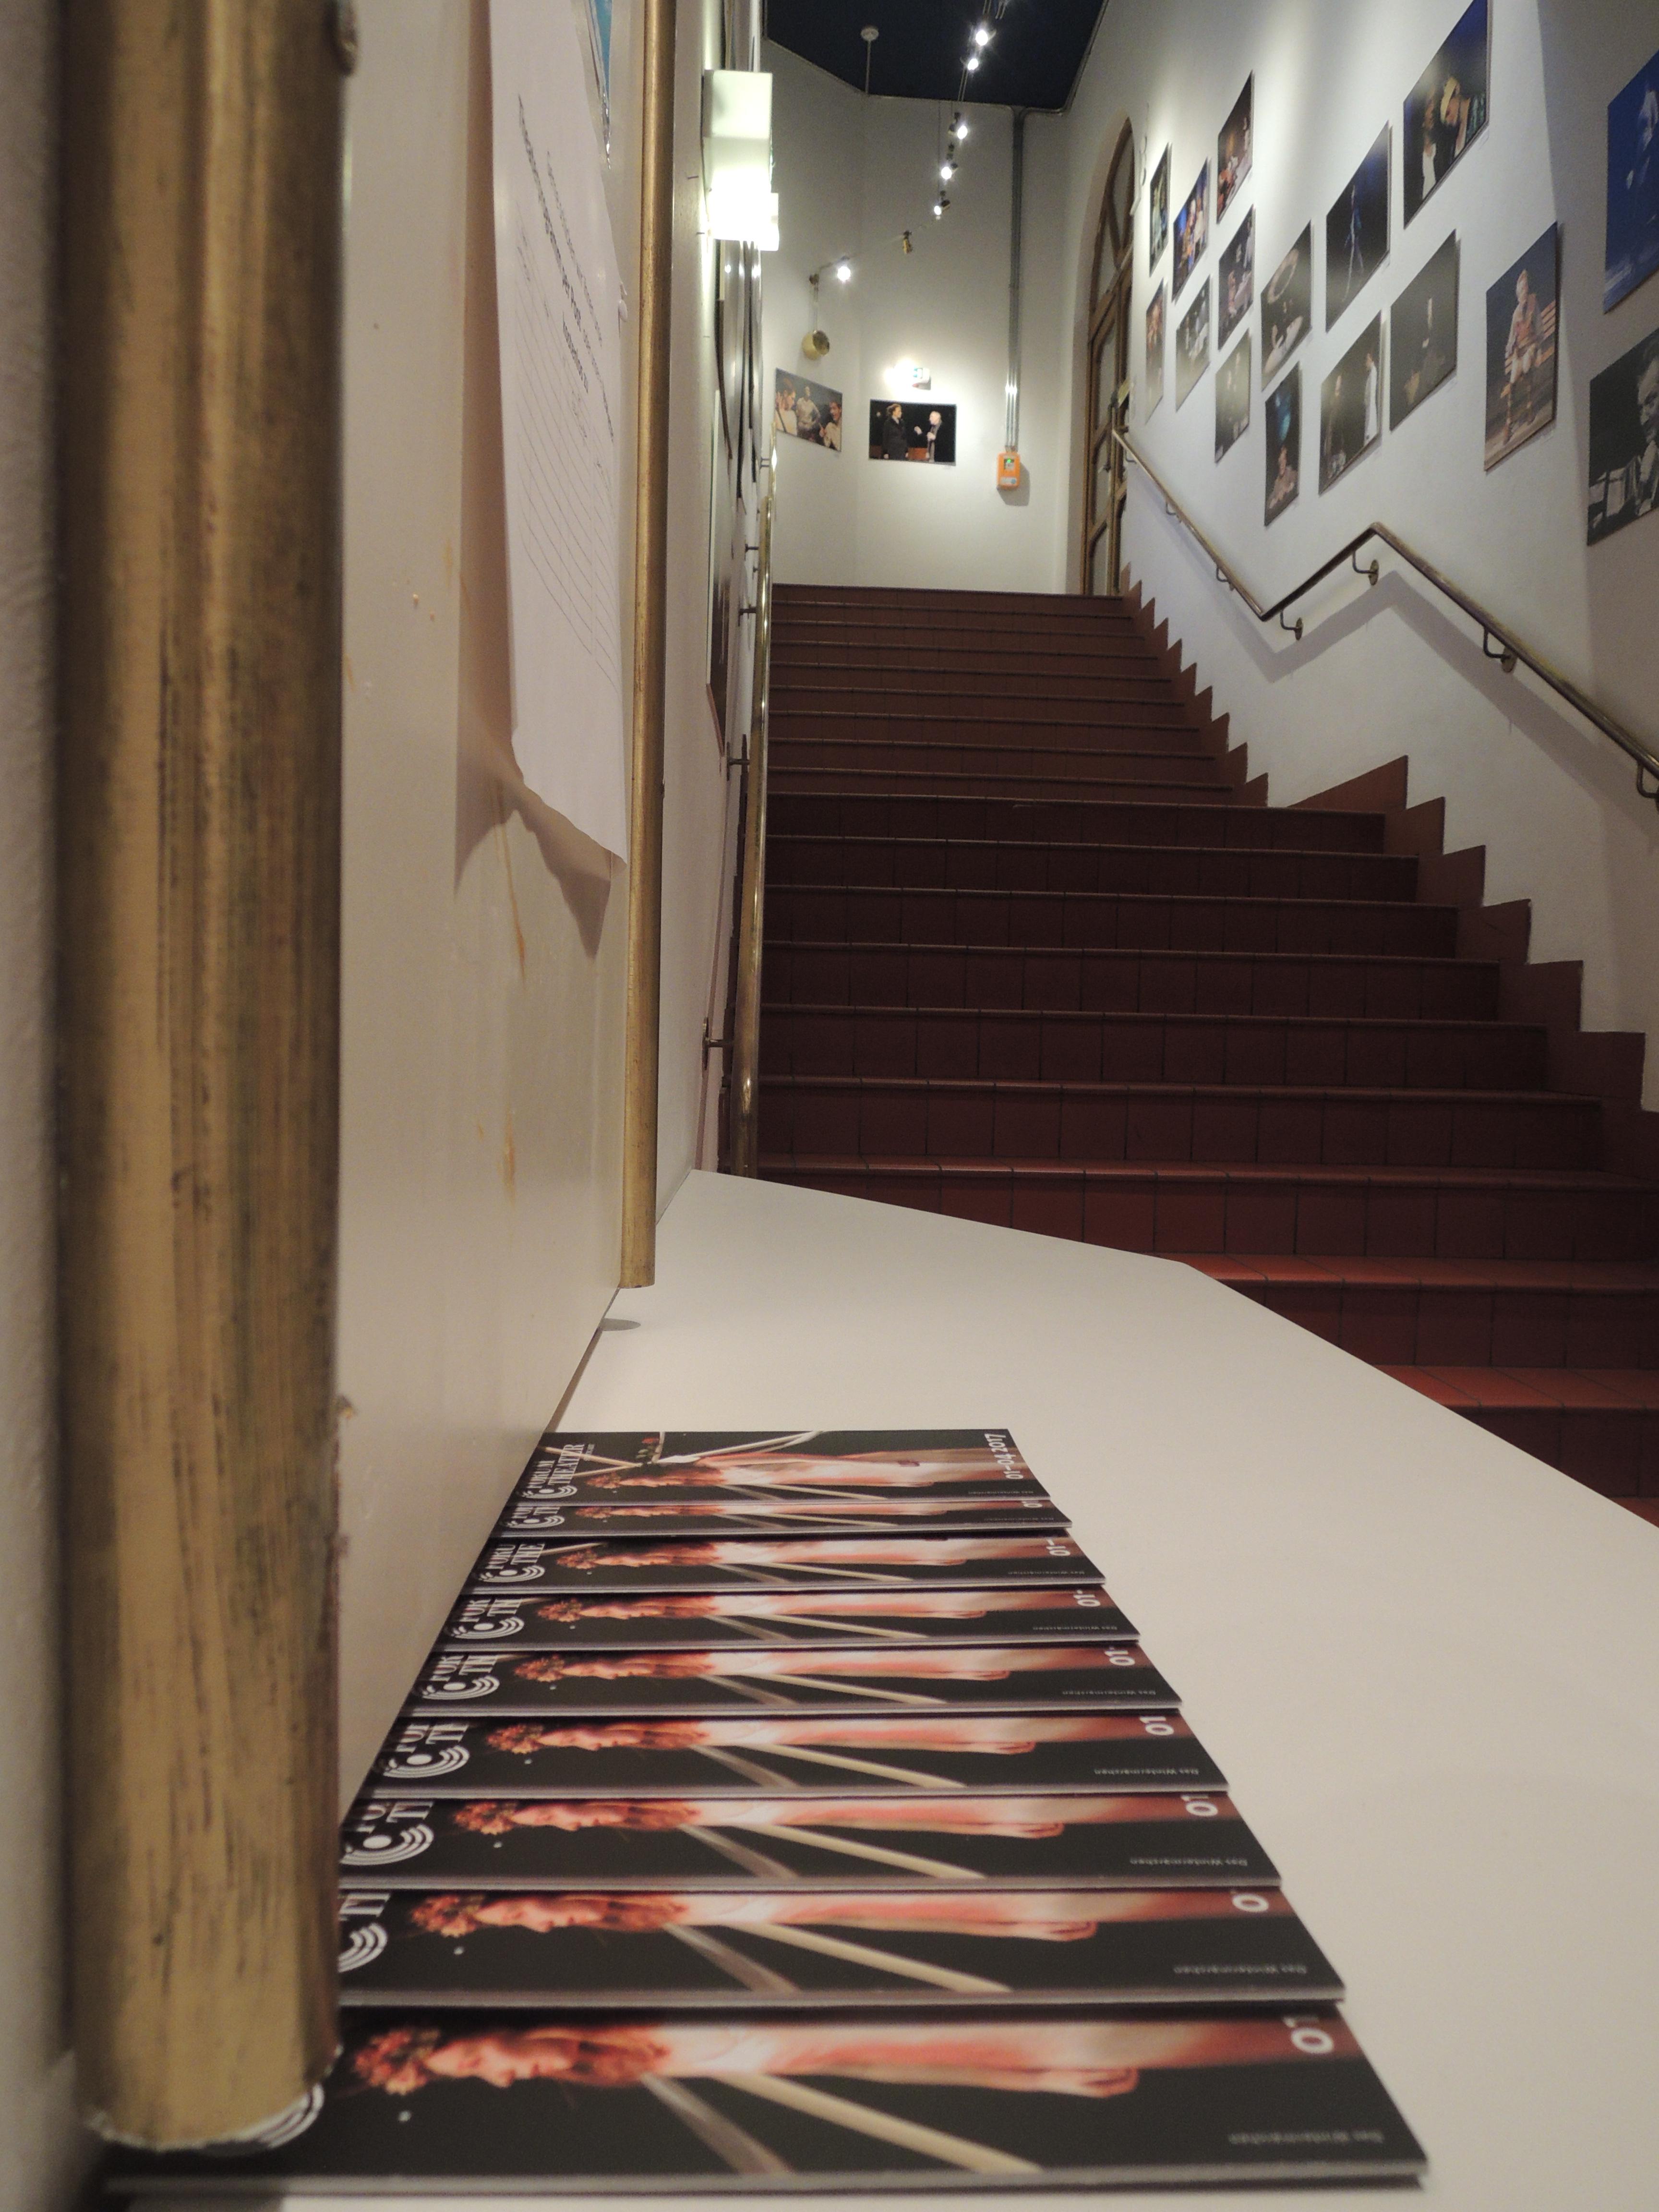 Dateiforum Theater Treppe Innen Treppejpg Wikipedia